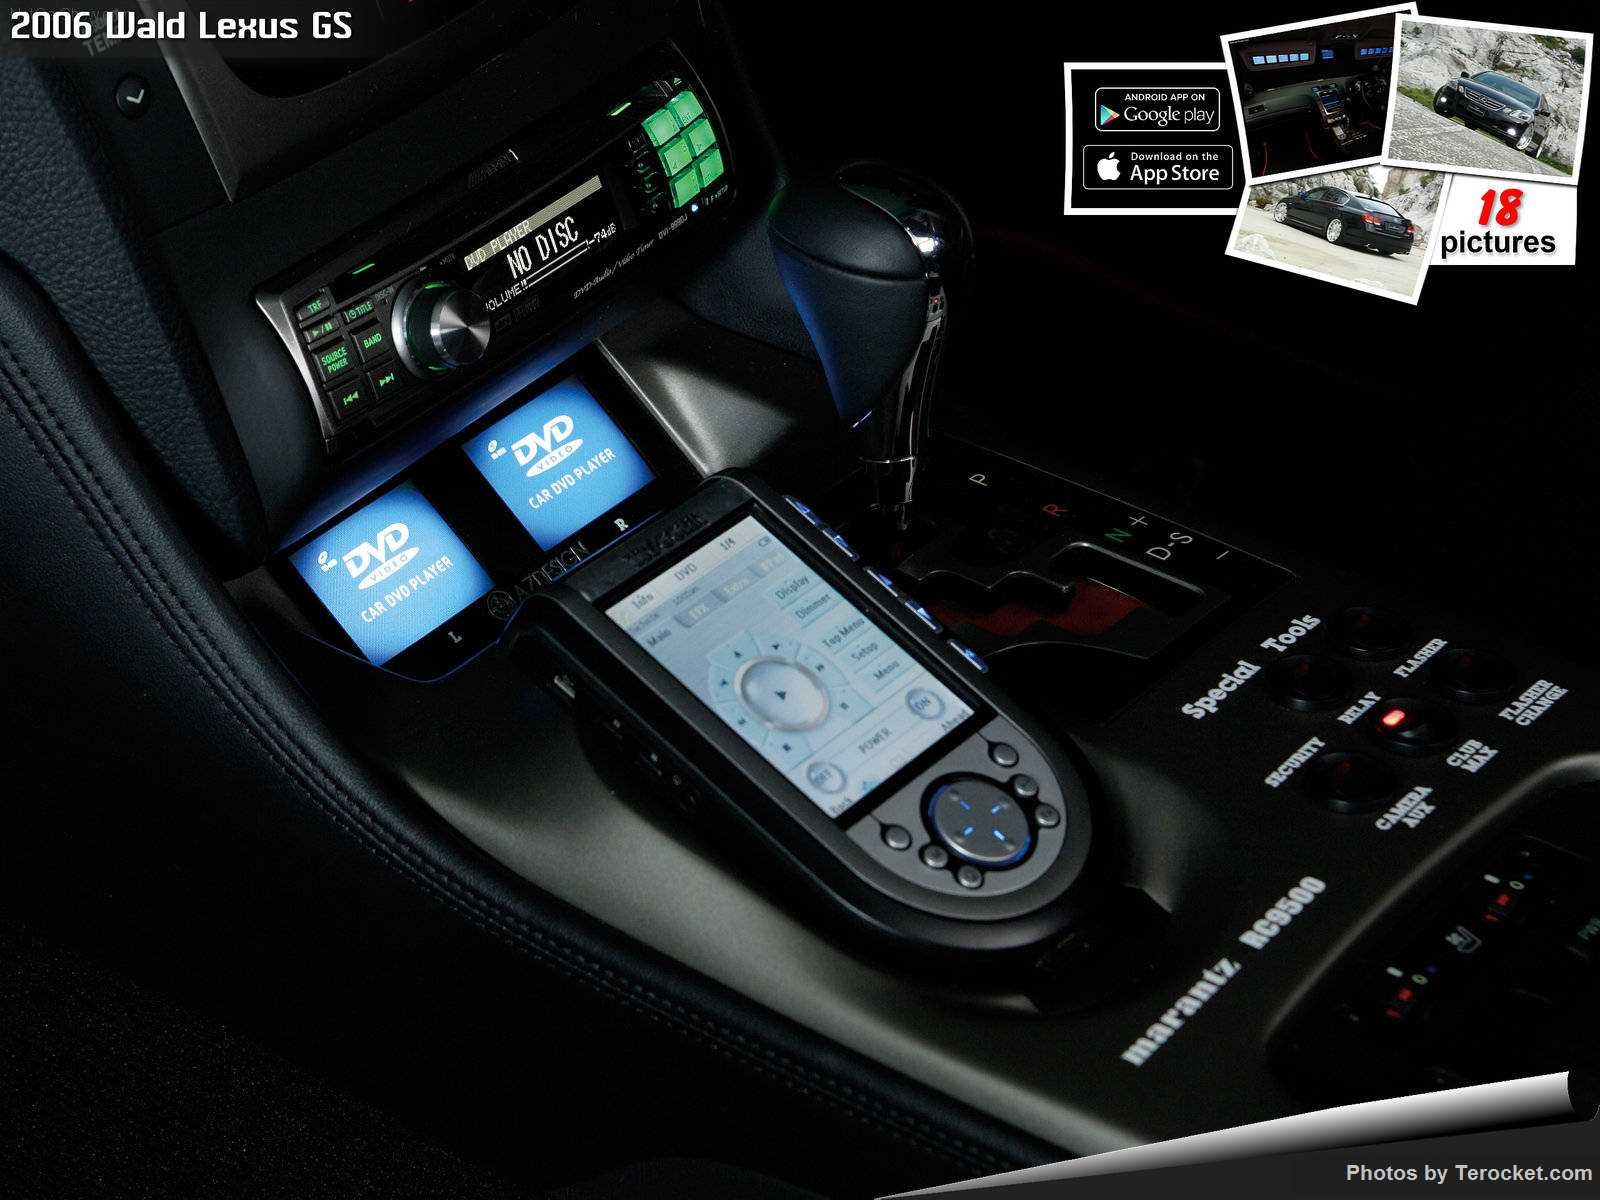 Hình ảnh xe độ Wald Lexus GS 2006 & nội ngoại thất